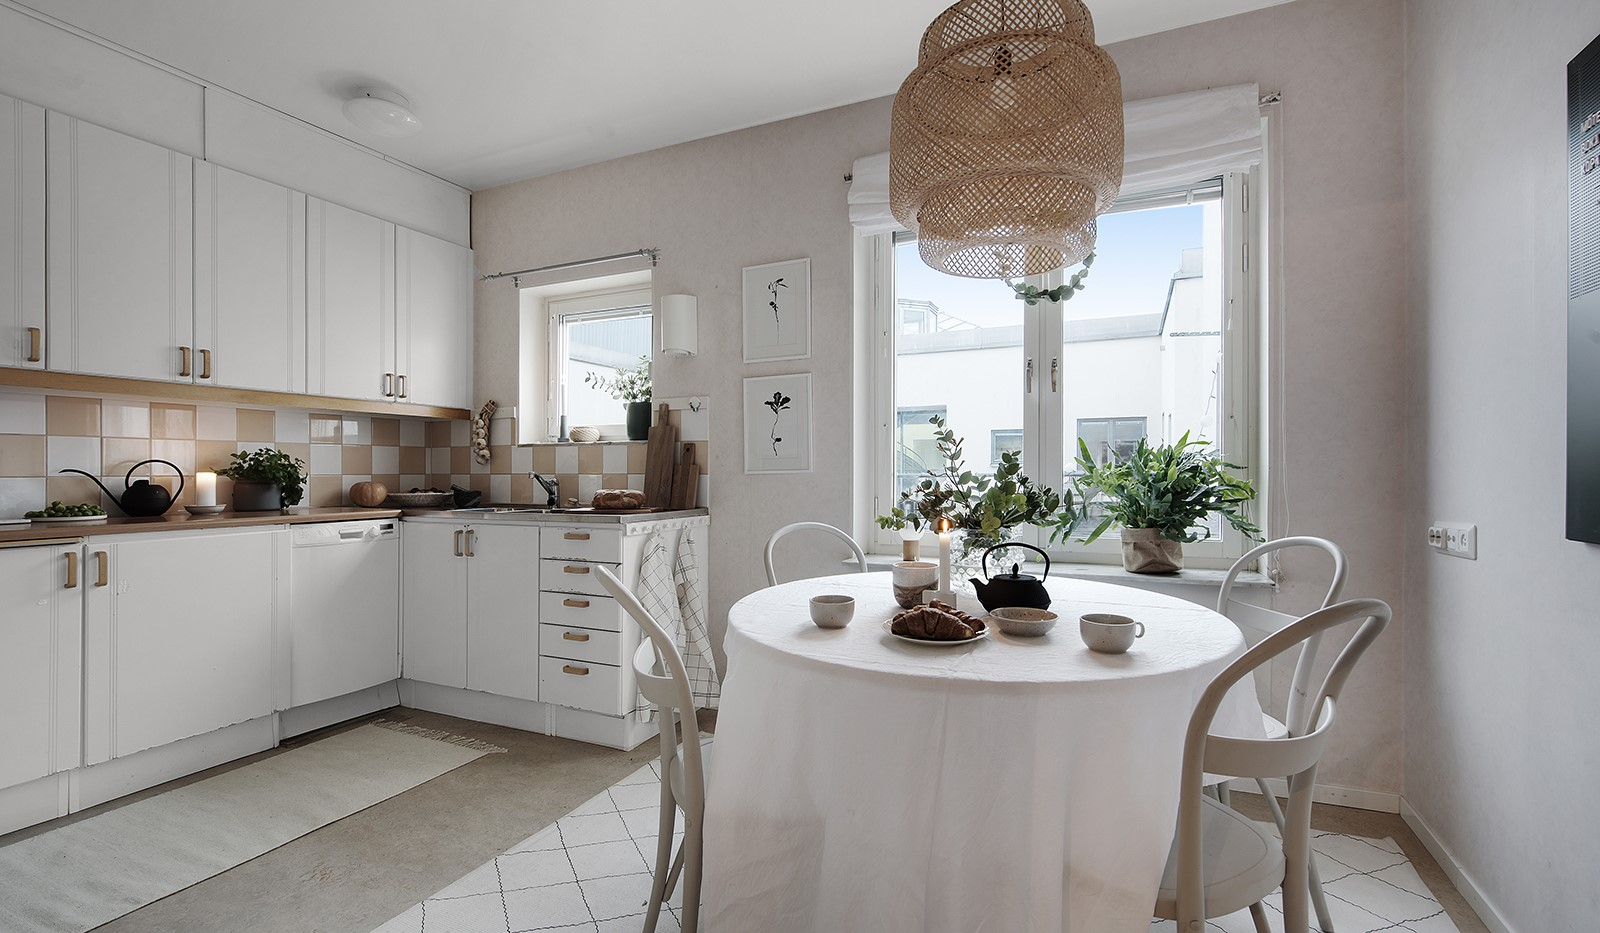 Fatburstrappan 12, 4 tr - Trivsamt kök med flera fönster